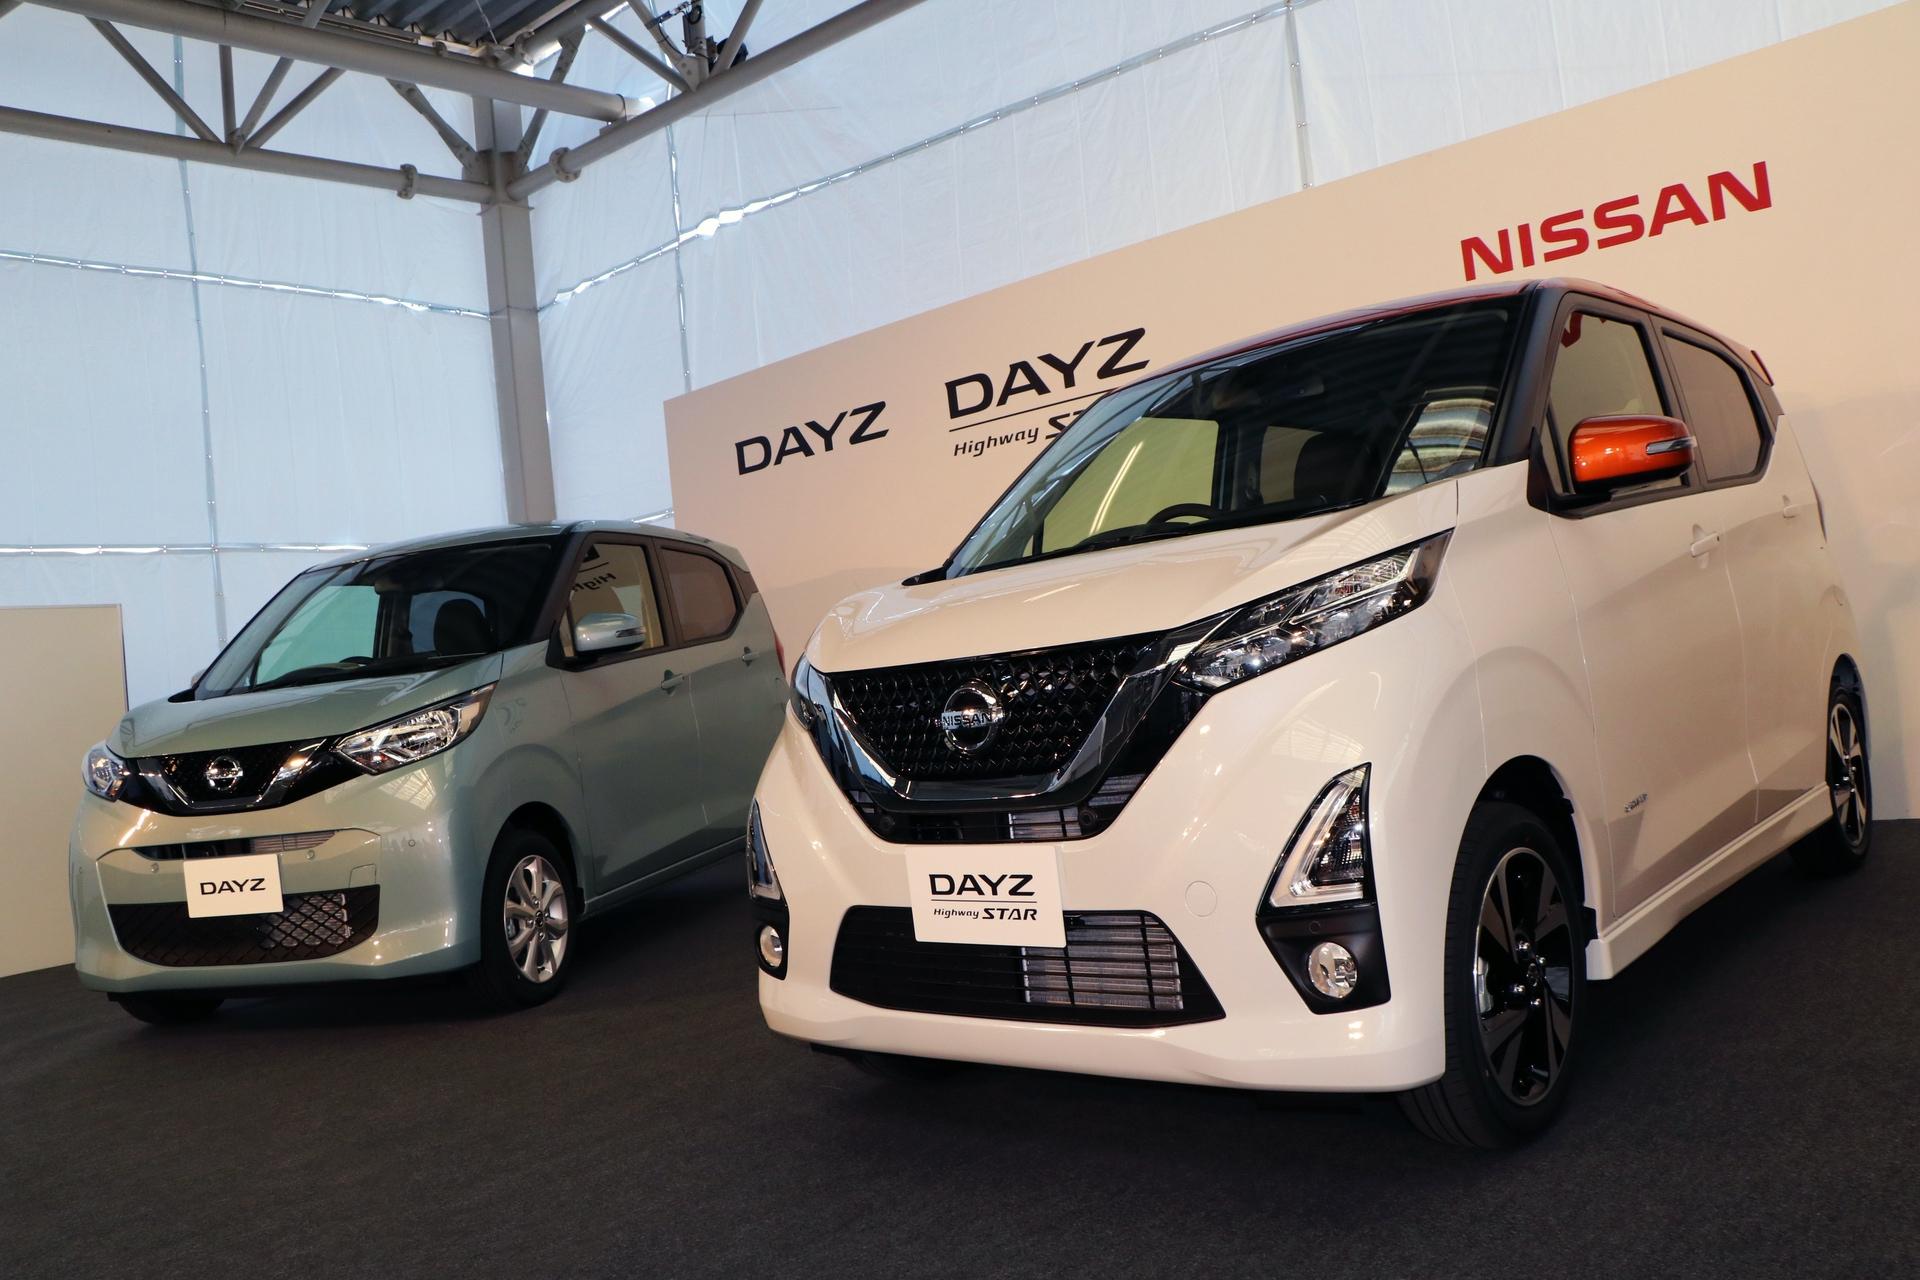 Nissan_Mitsubishi_kei_cars_0005